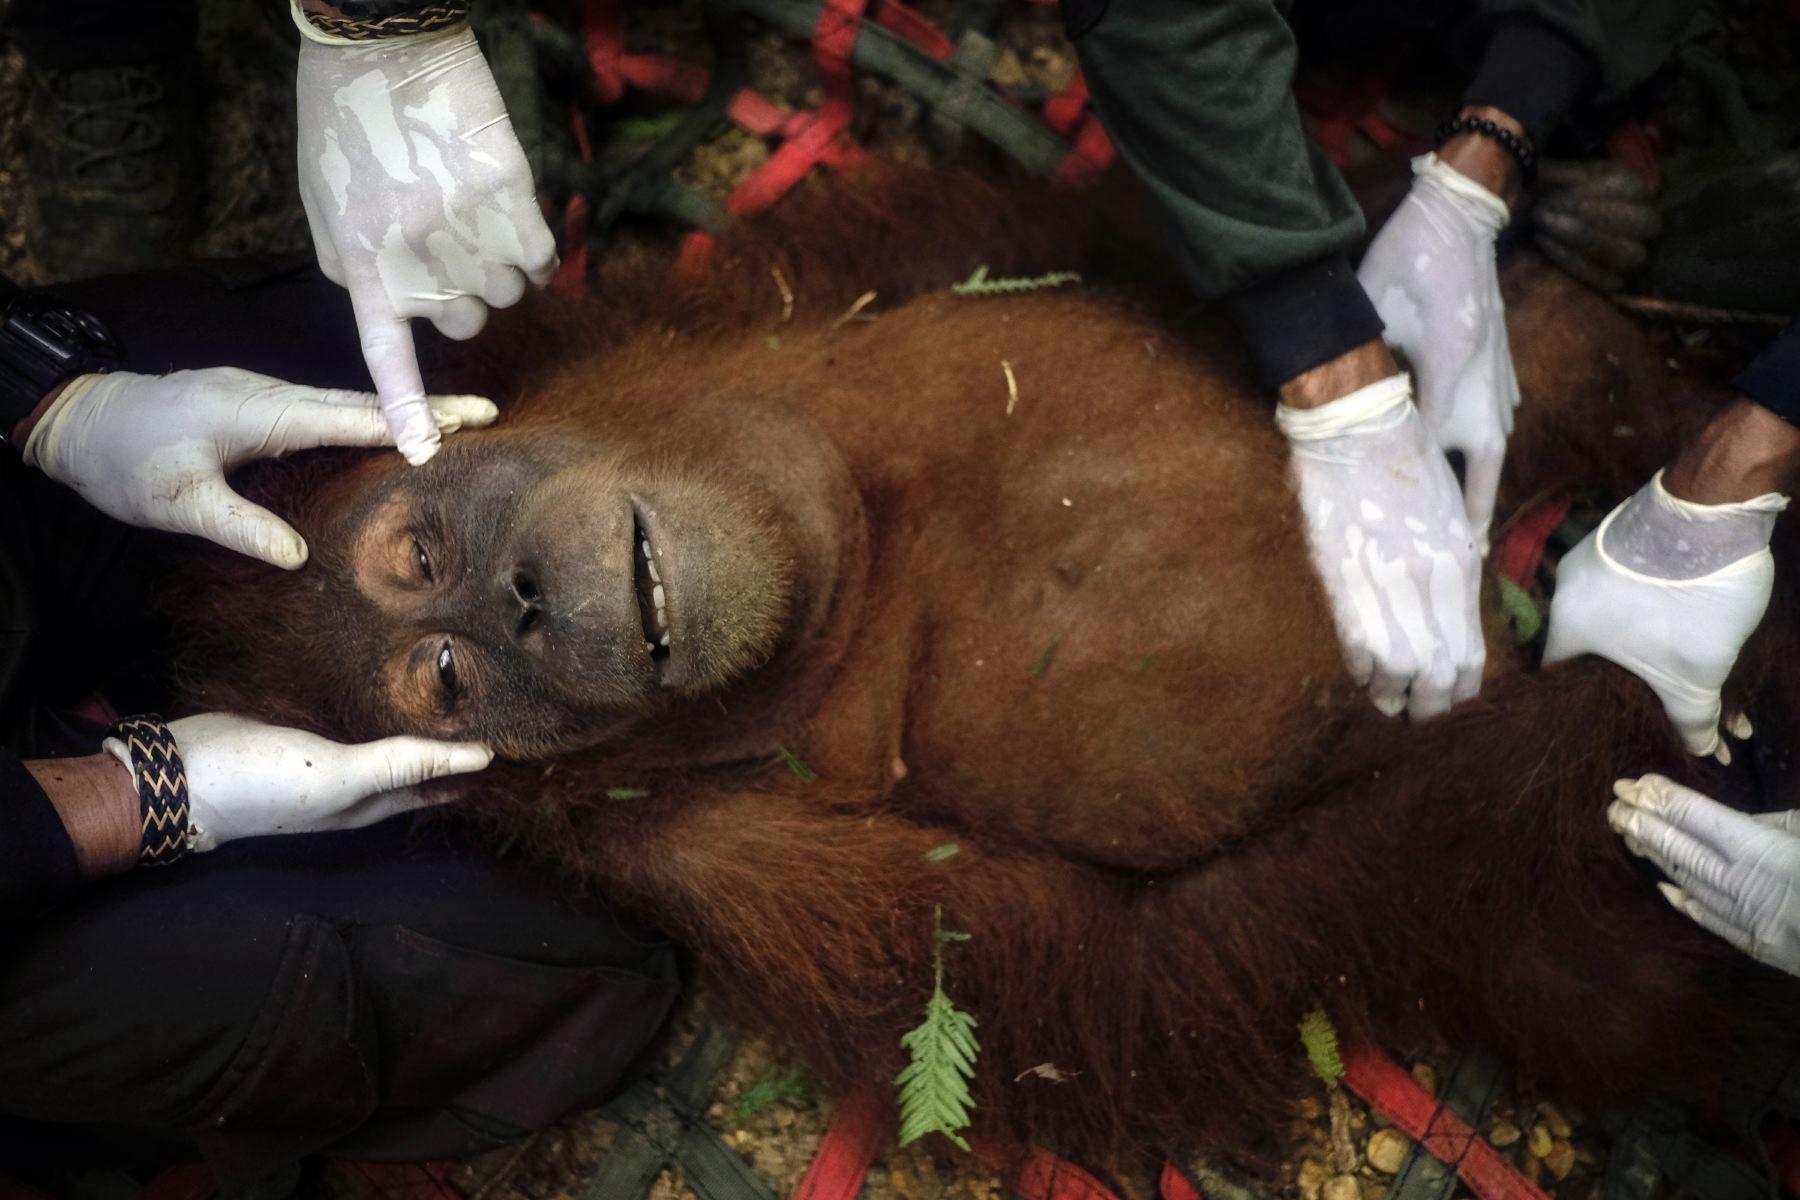 Alain_Schroeder_Saving_Orangutans_01.JPG